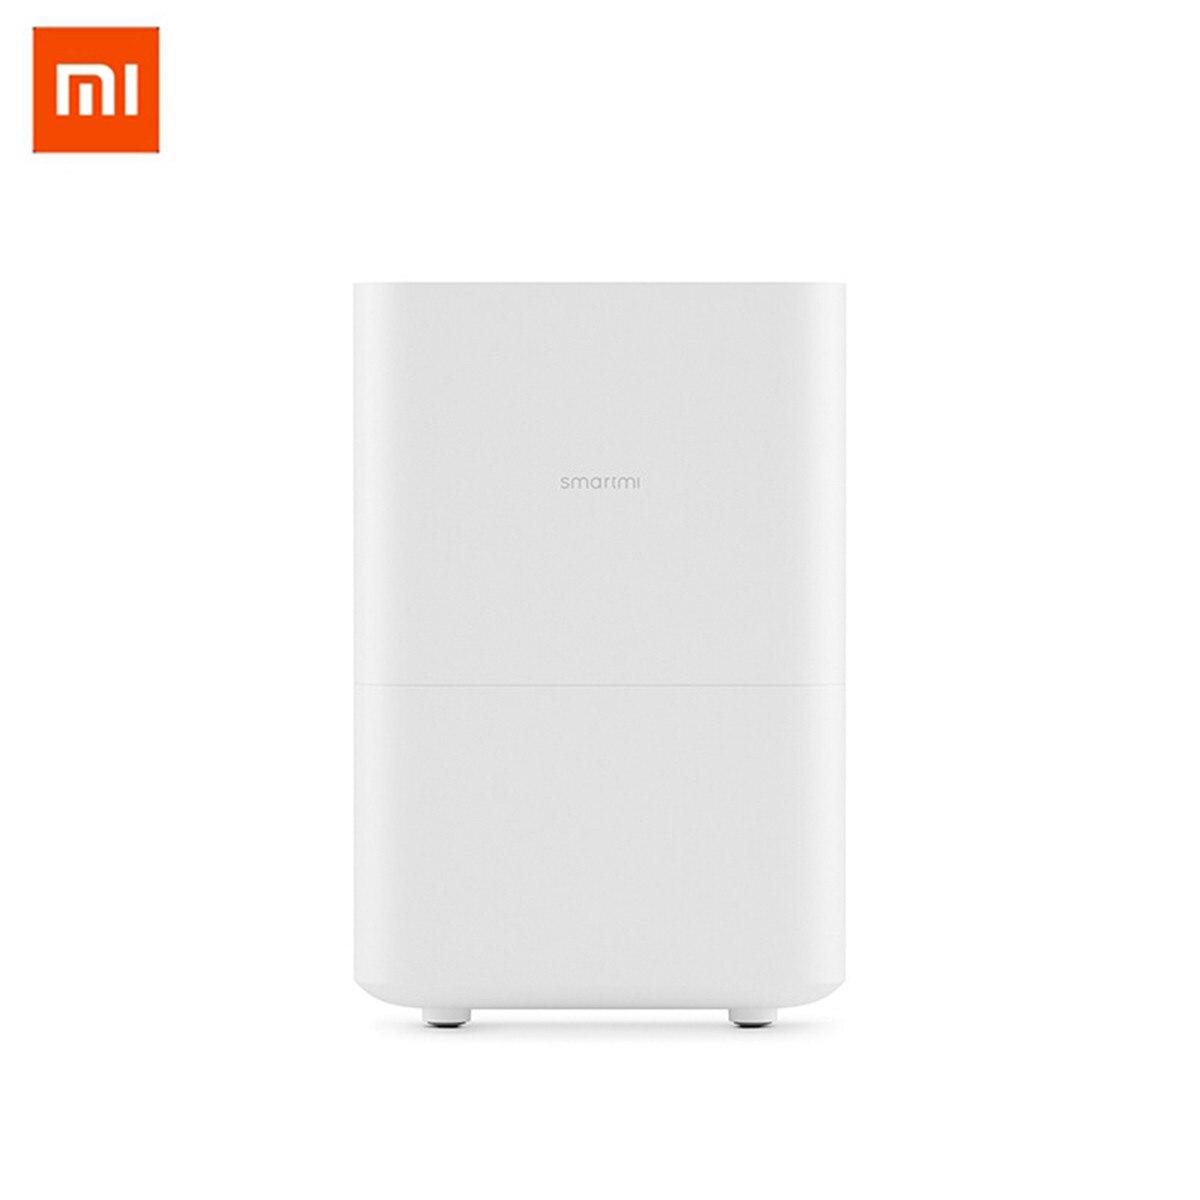 Xiaomi Norma Mijia Originale Smartmi Naturale Evaporativo Puro Umidificatore Aria smorzatore di diffusore di Aroma di 4L Serbatoio di Acqua APP di Controllo A Distanza